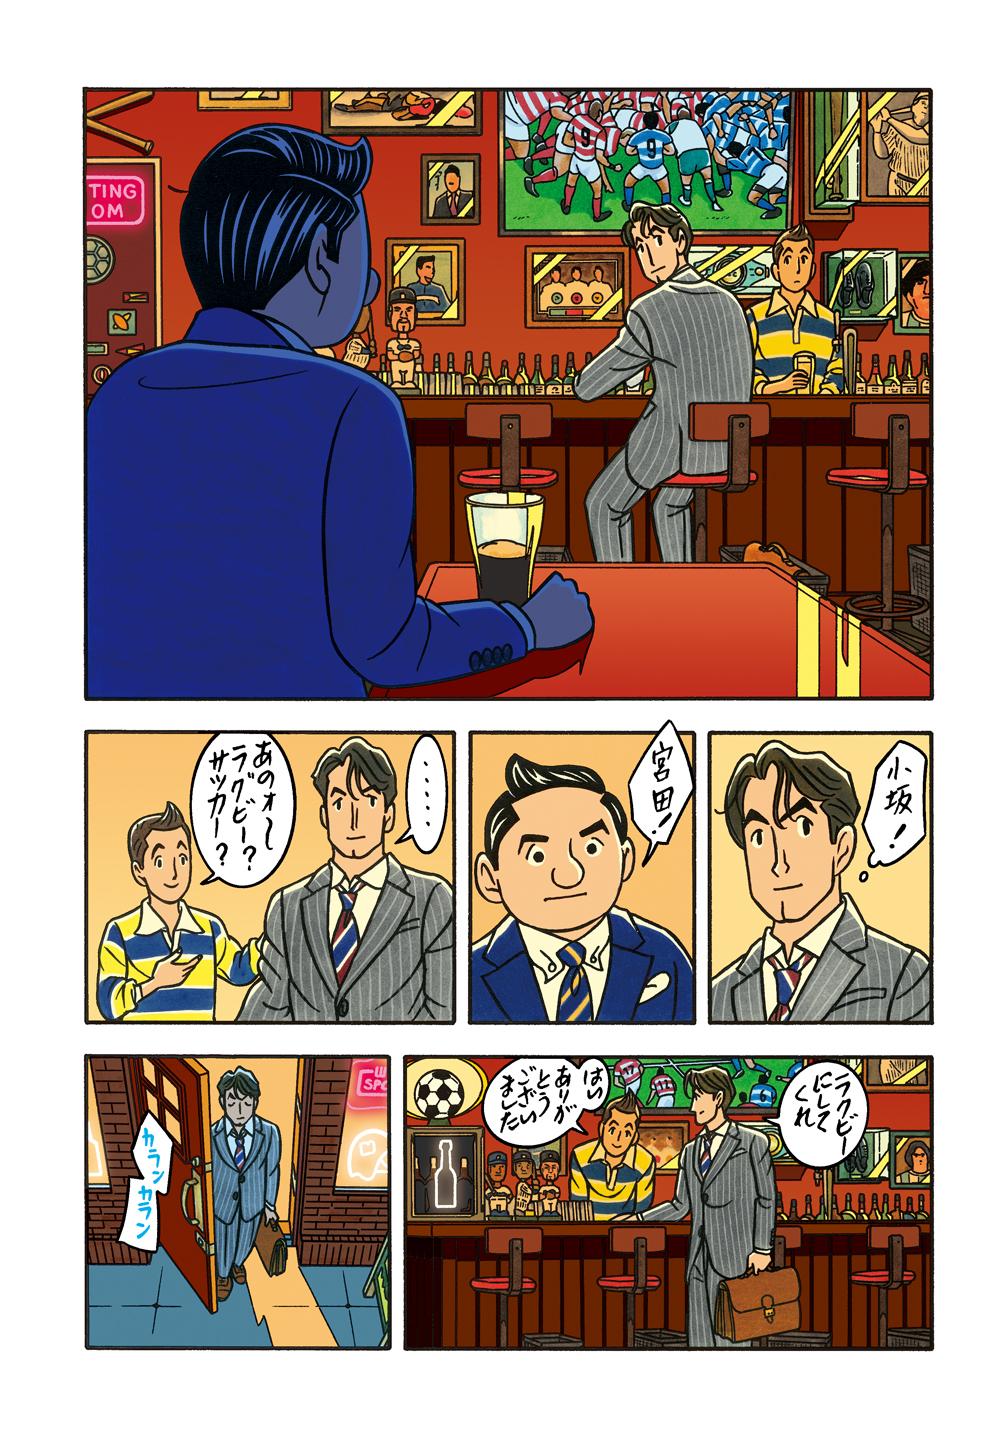 ワンダーカクテル 【第19話 stand up!】3ページ目画像